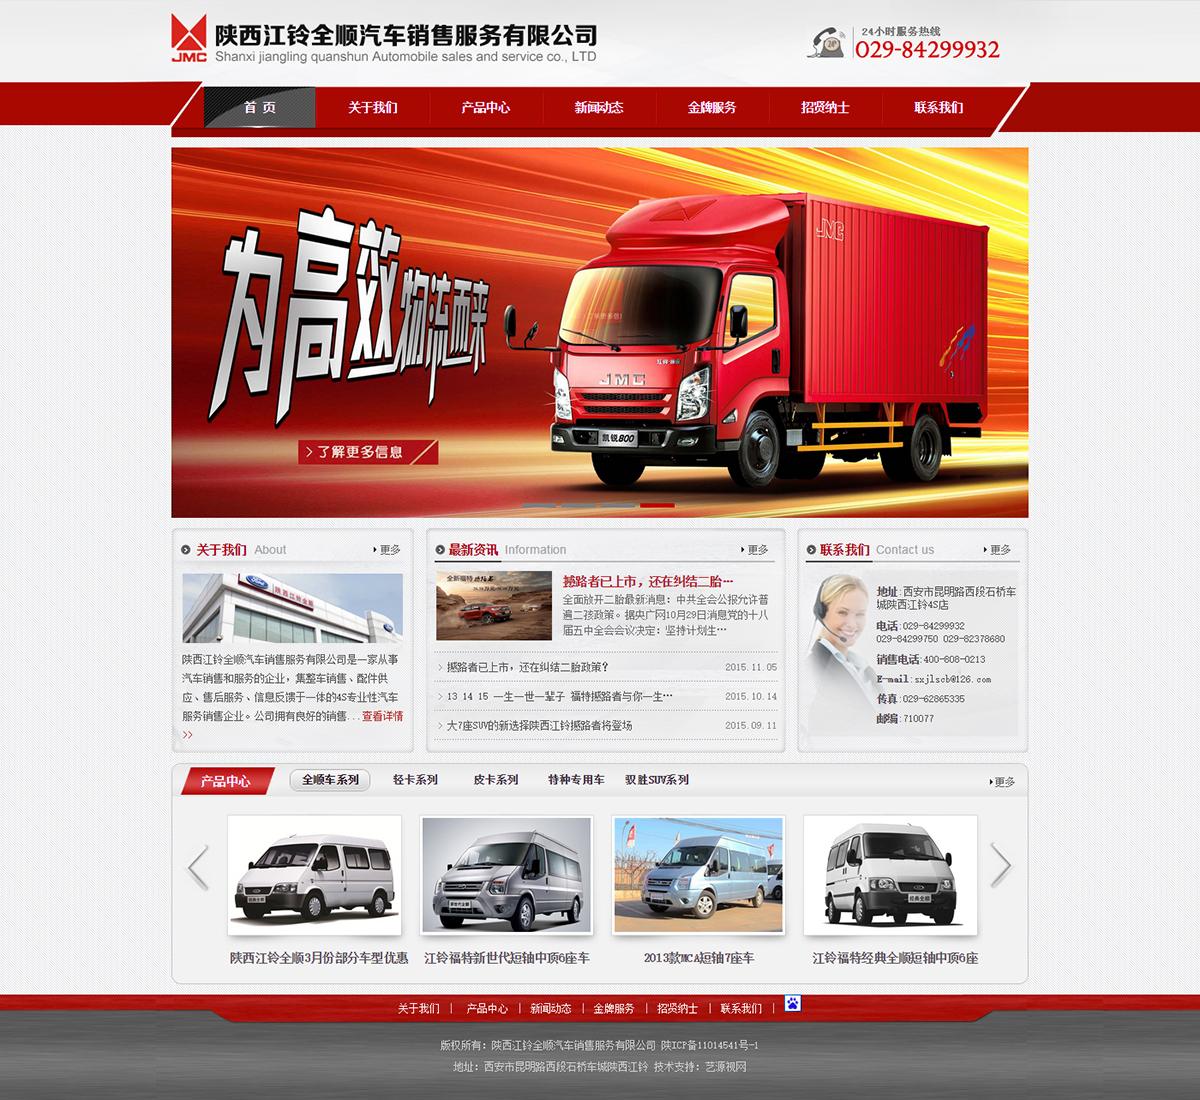 陕西江铃全顺汽车销售服务有限公司官网网站首页效果图